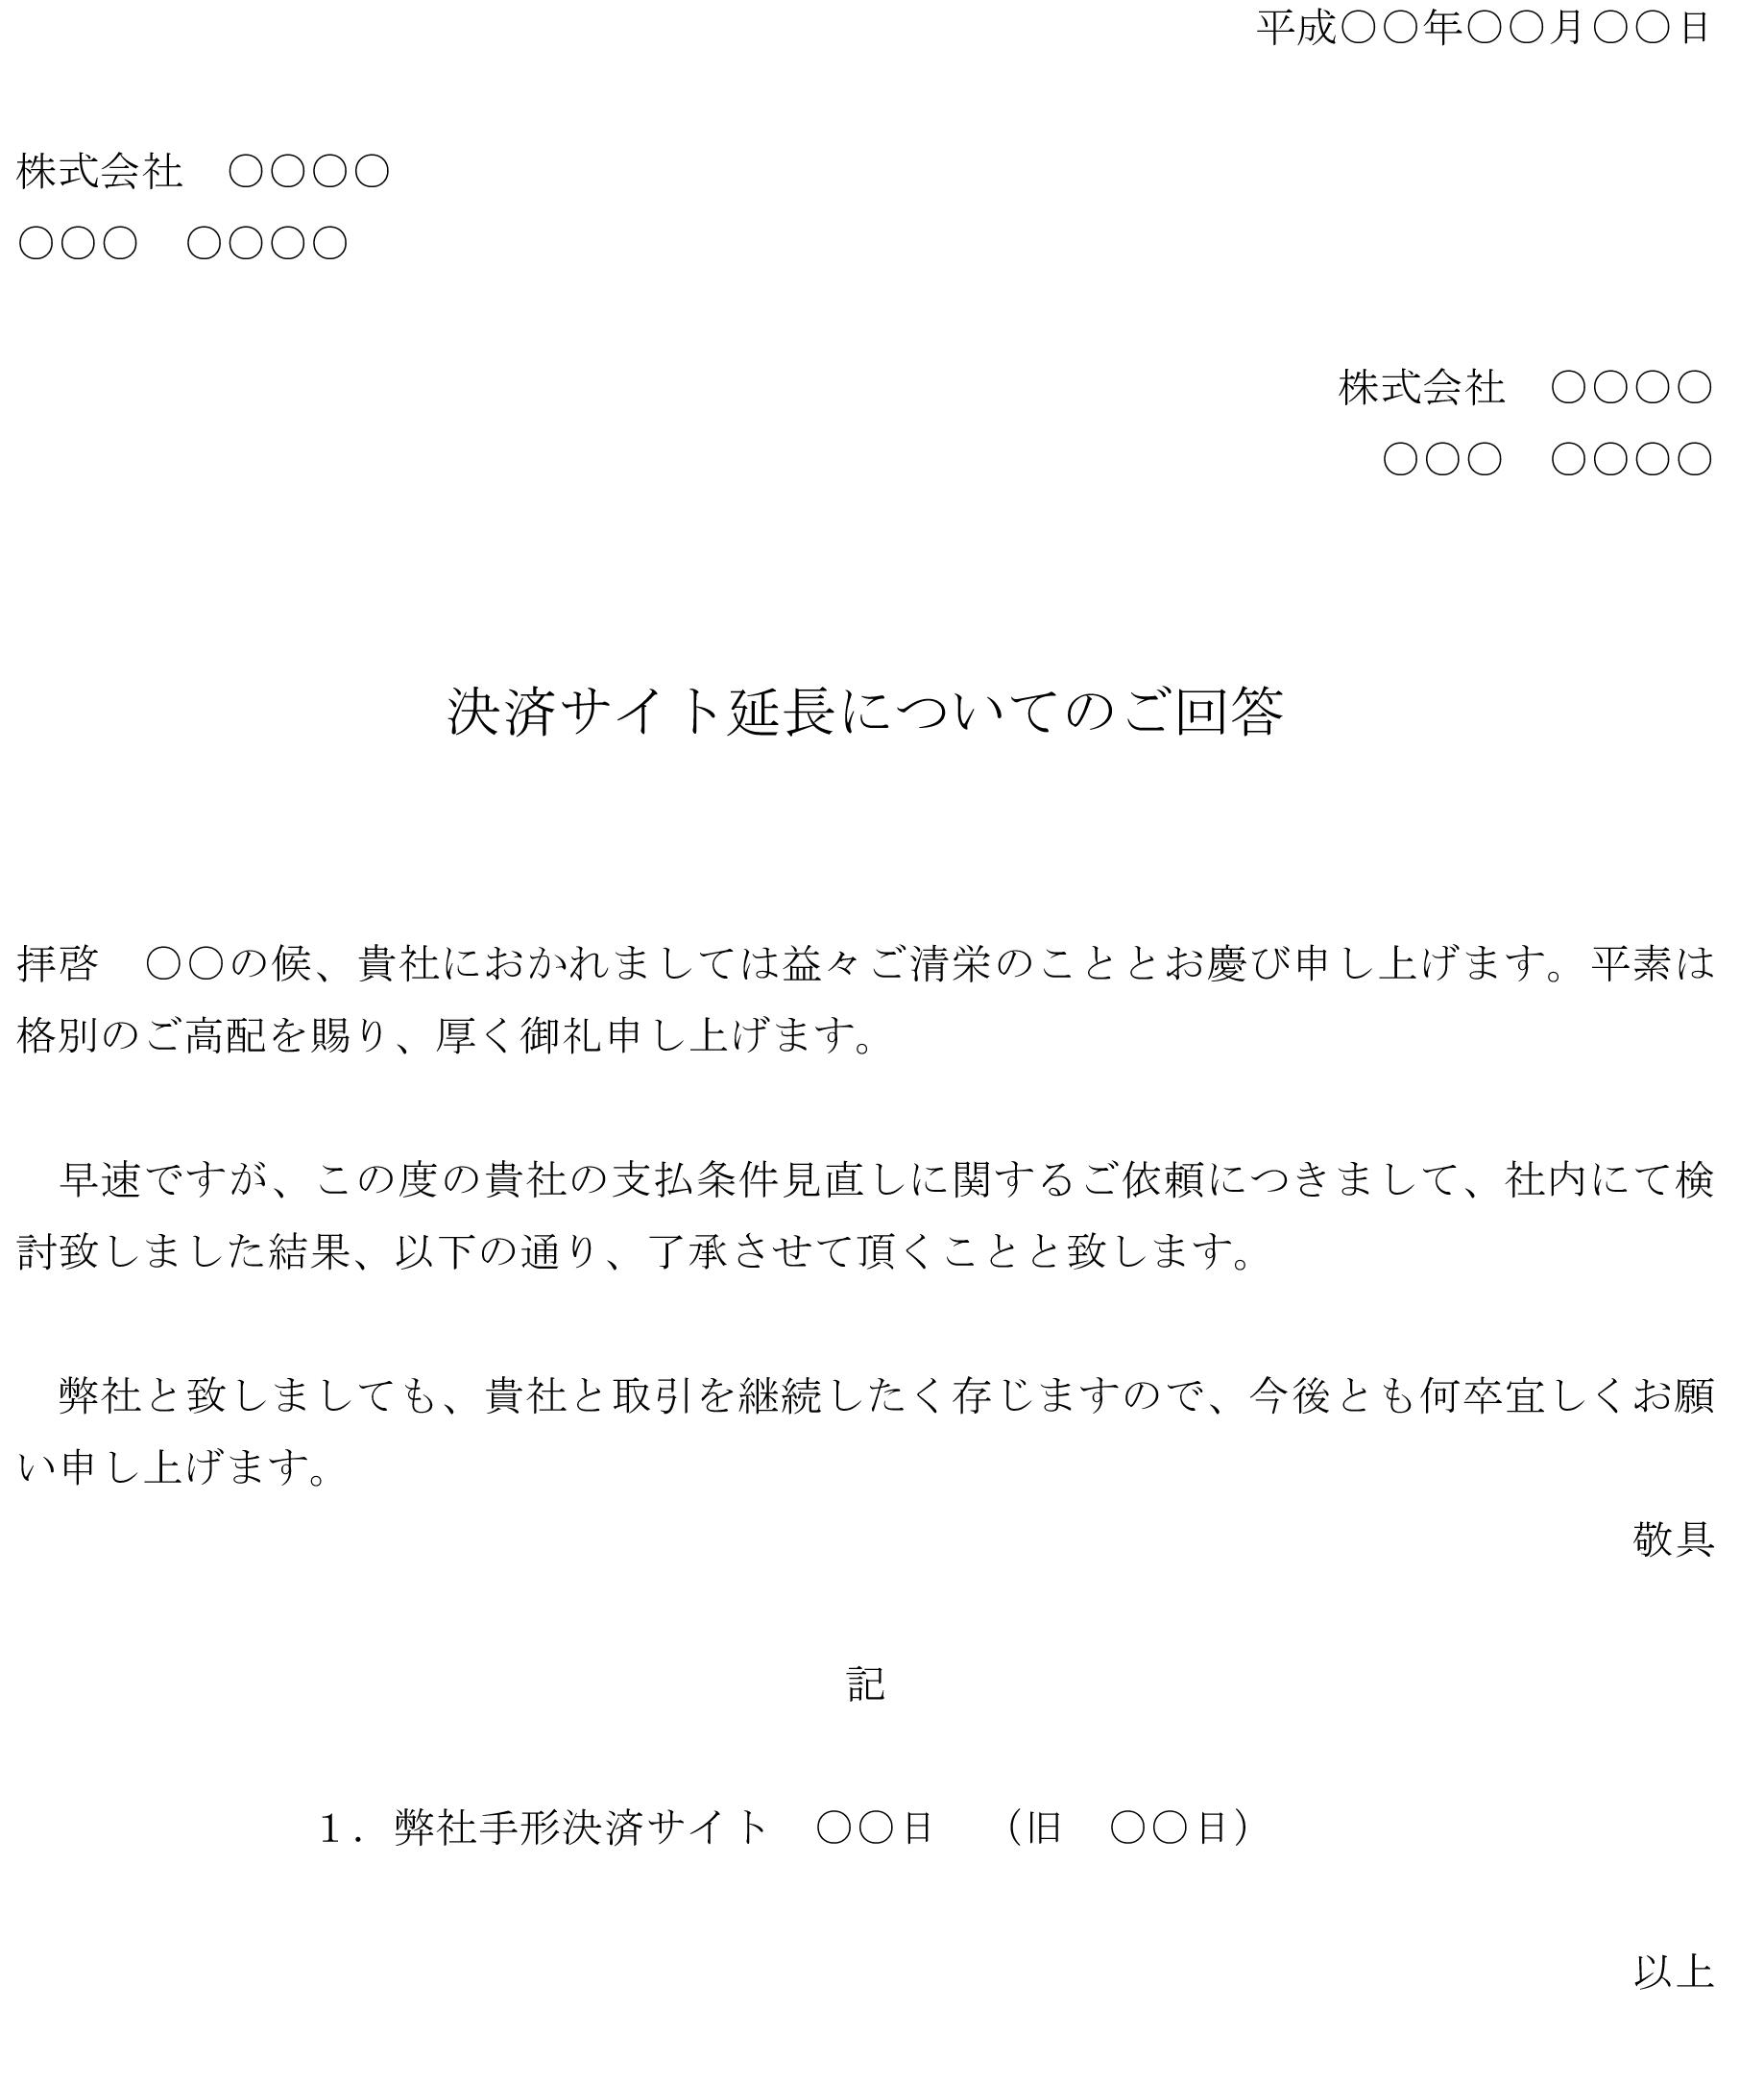 回答書(決済サイト延長の依頼を承諾)